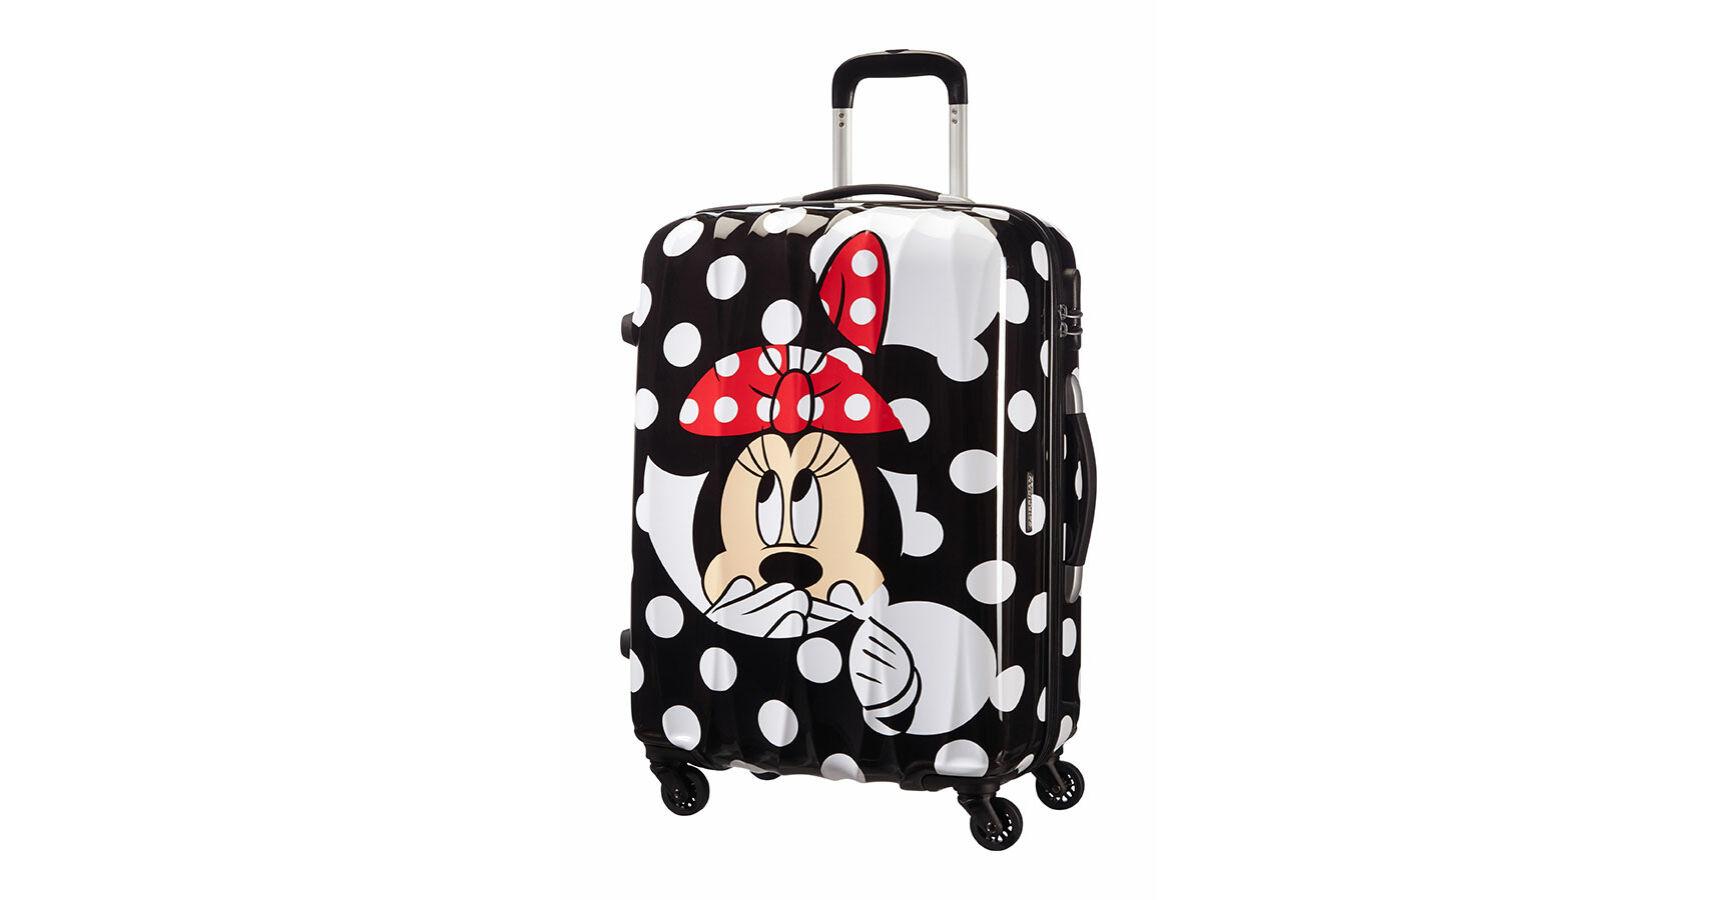 24dbe750f4a1 American Tourister Disney Legends Minnie Spinner bőrönd 65 cm-es - Disney  Legends - Etáska - minőségi táska webáruház hatalmas választékkal